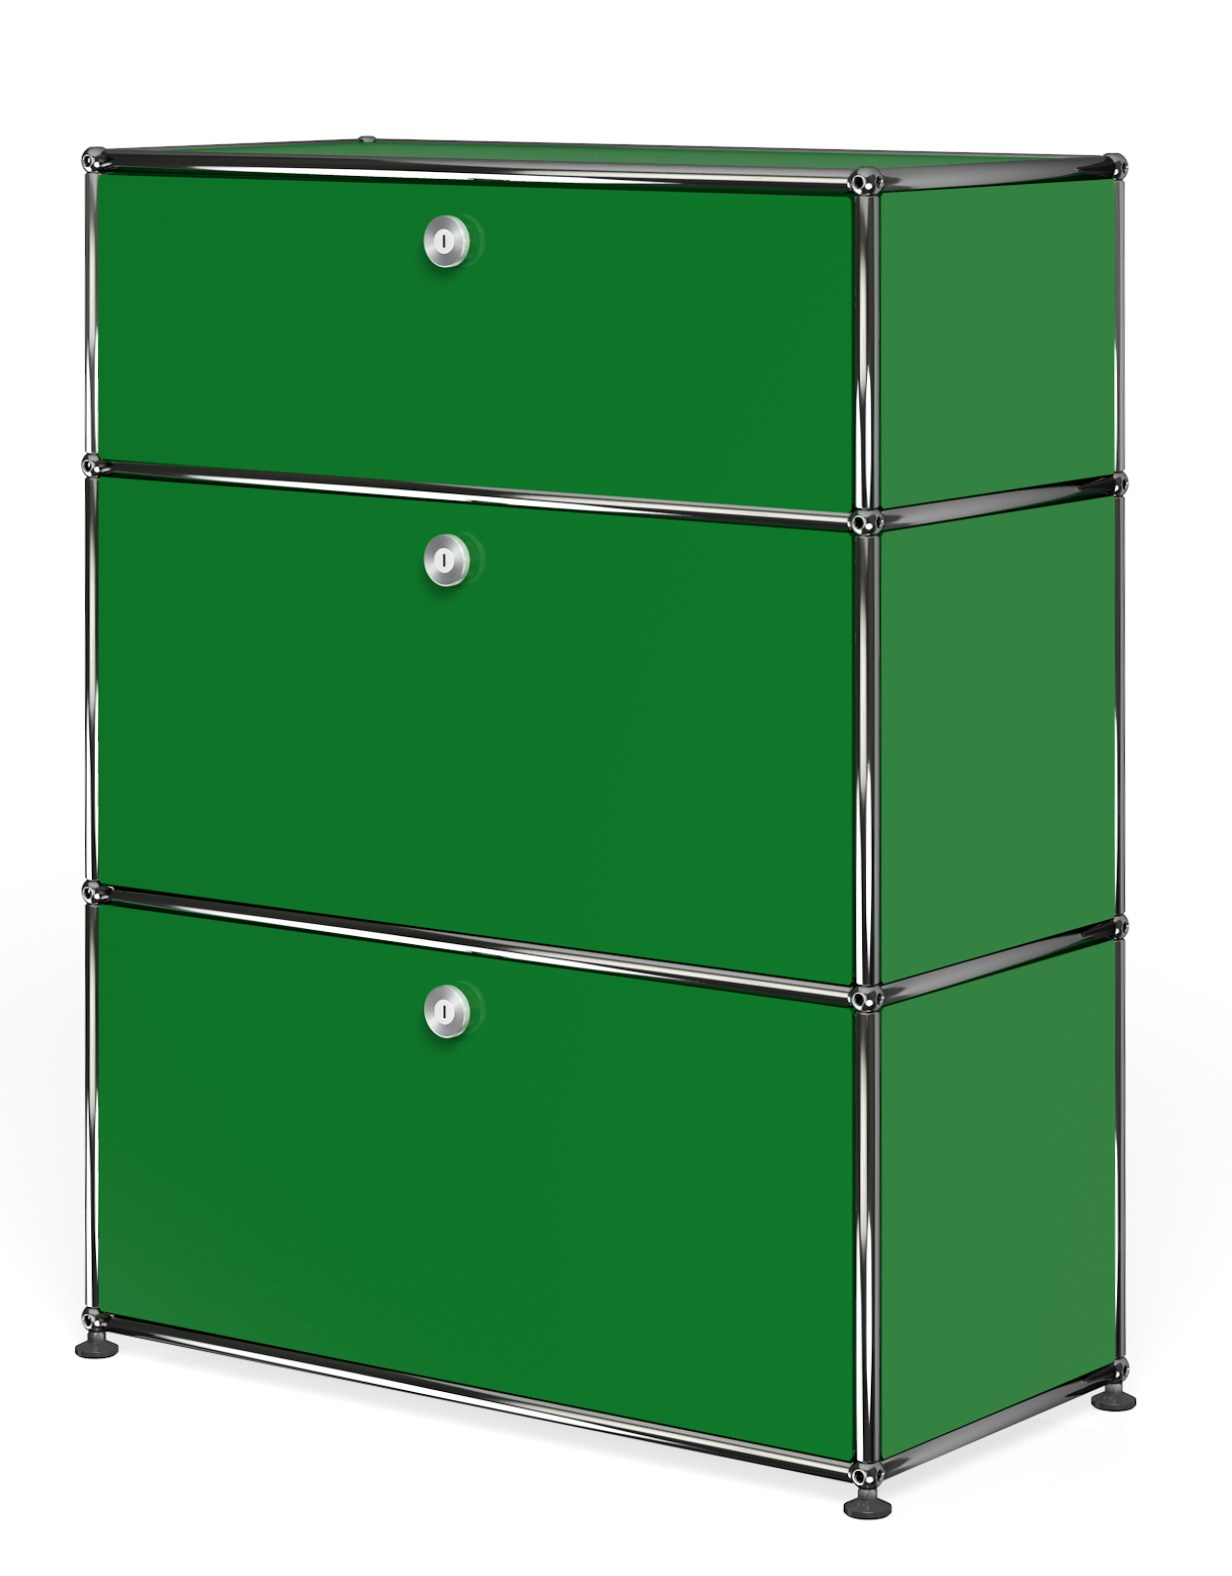 Usm Haller Storage For Kid 39 S Room Storage Unit By Usm Modular Furniture Design Fritz Haller